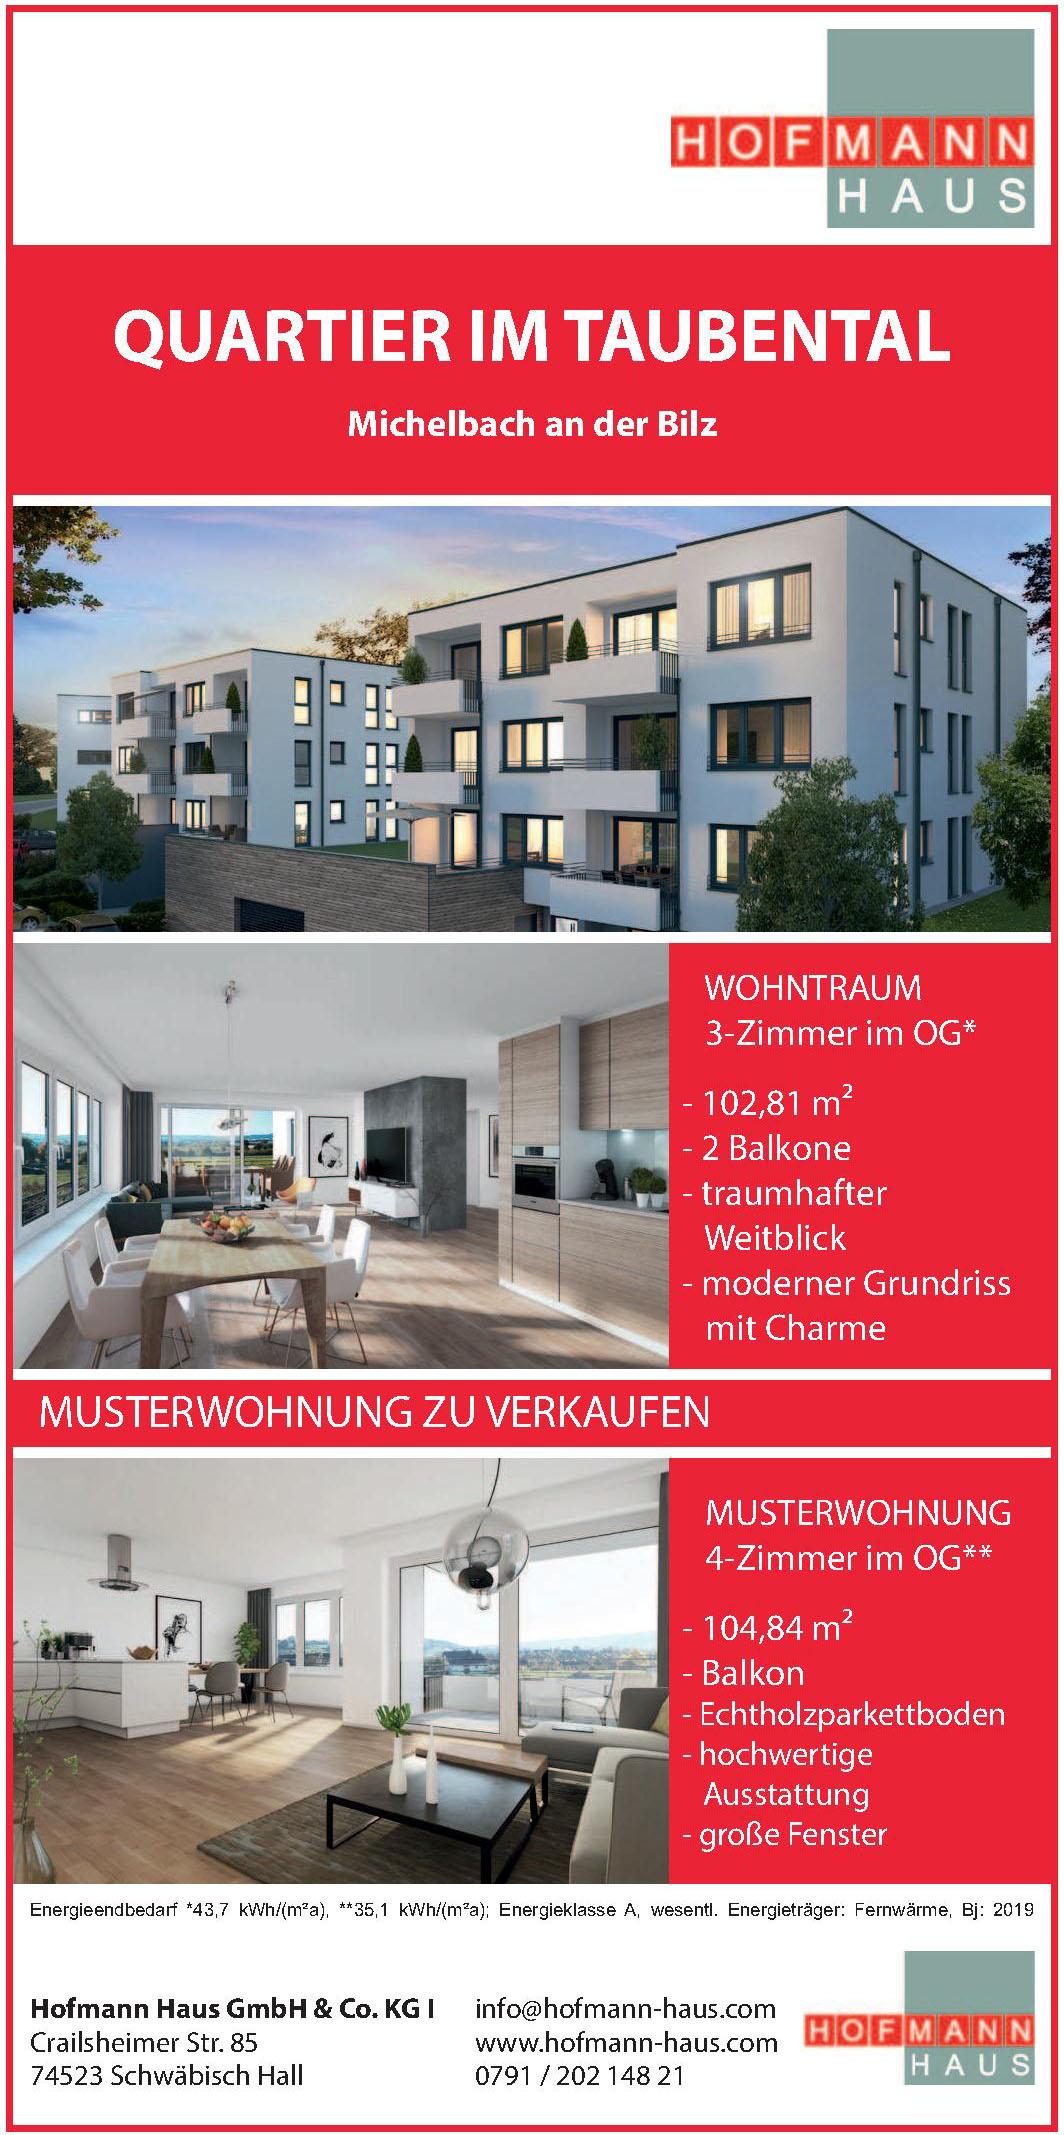 Hofmann Haus GmbH & Co. KG